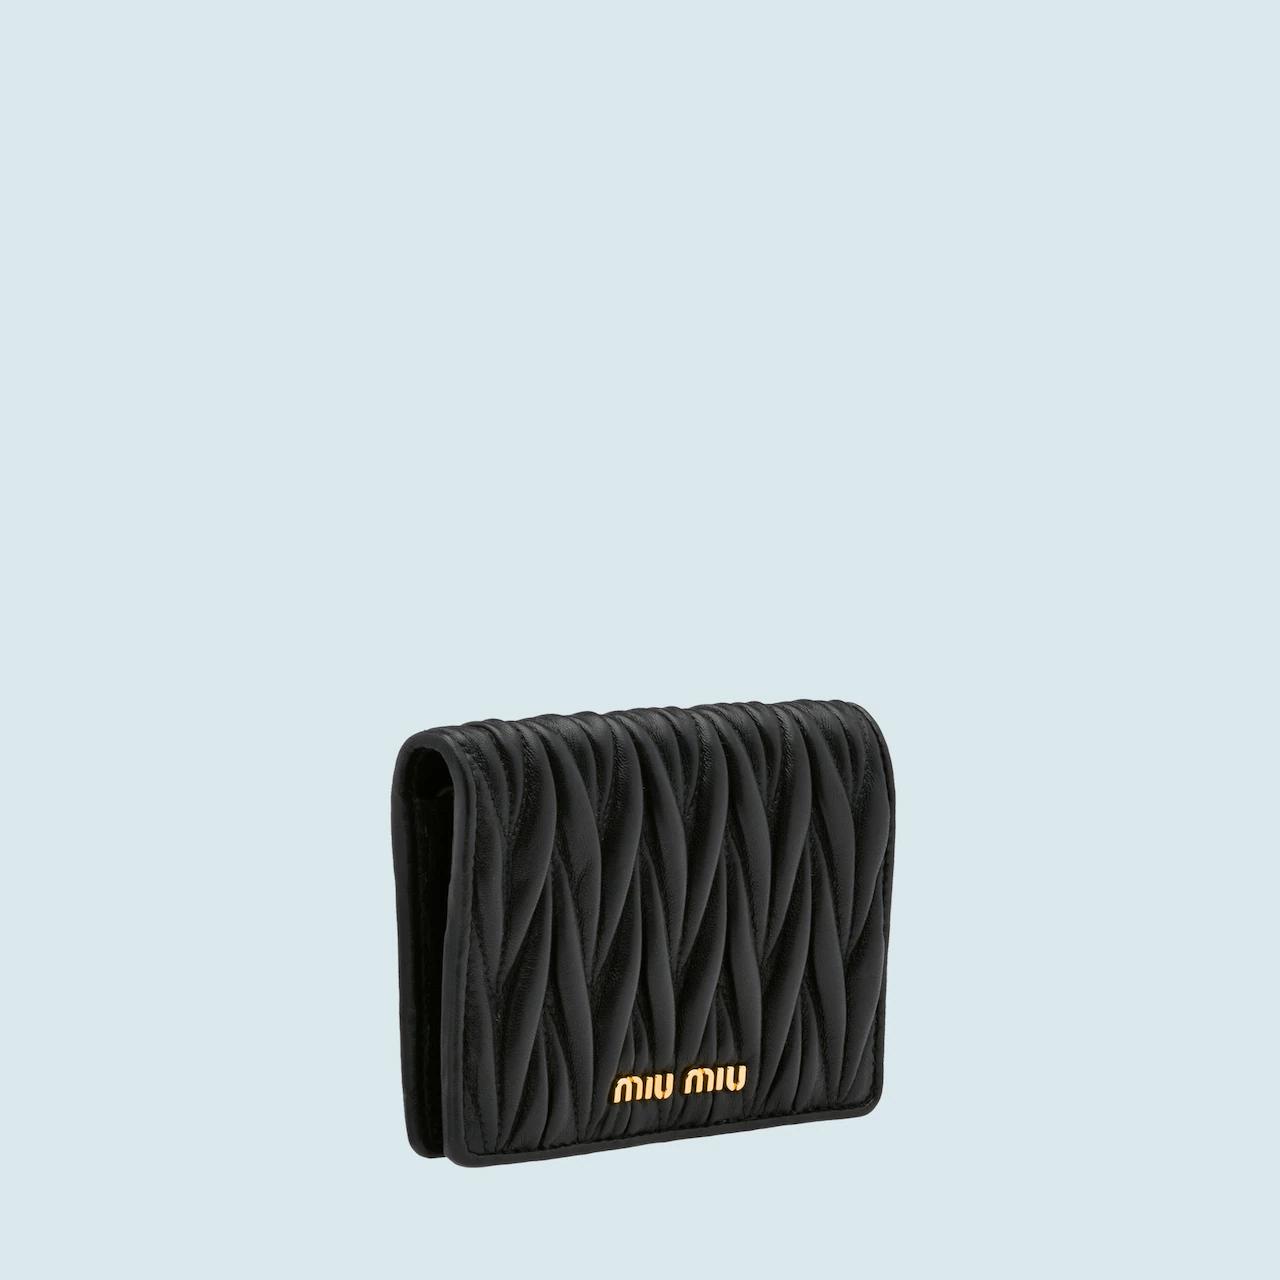 9. กระเป๋าสตางค์แบรนด์ Miu Miu